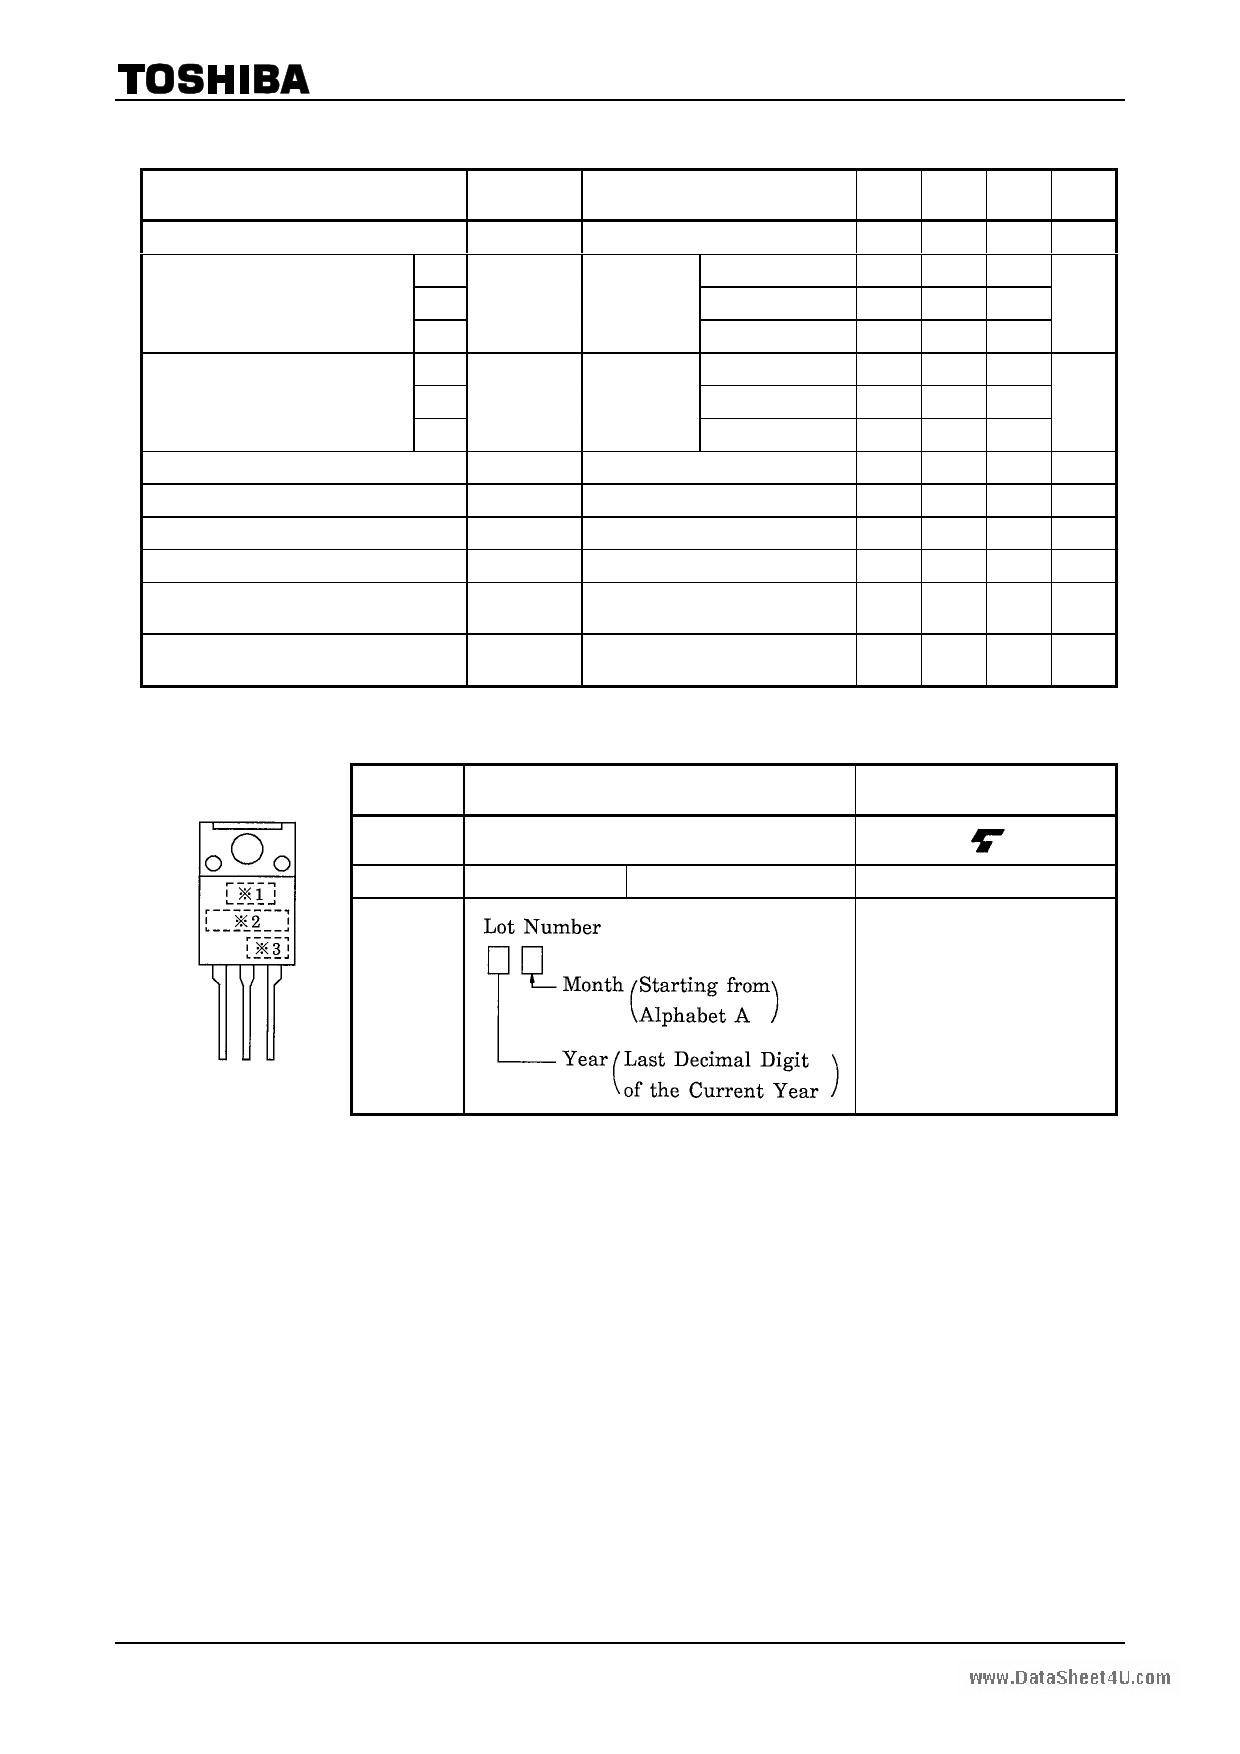 M2LZ47 pdf pinout